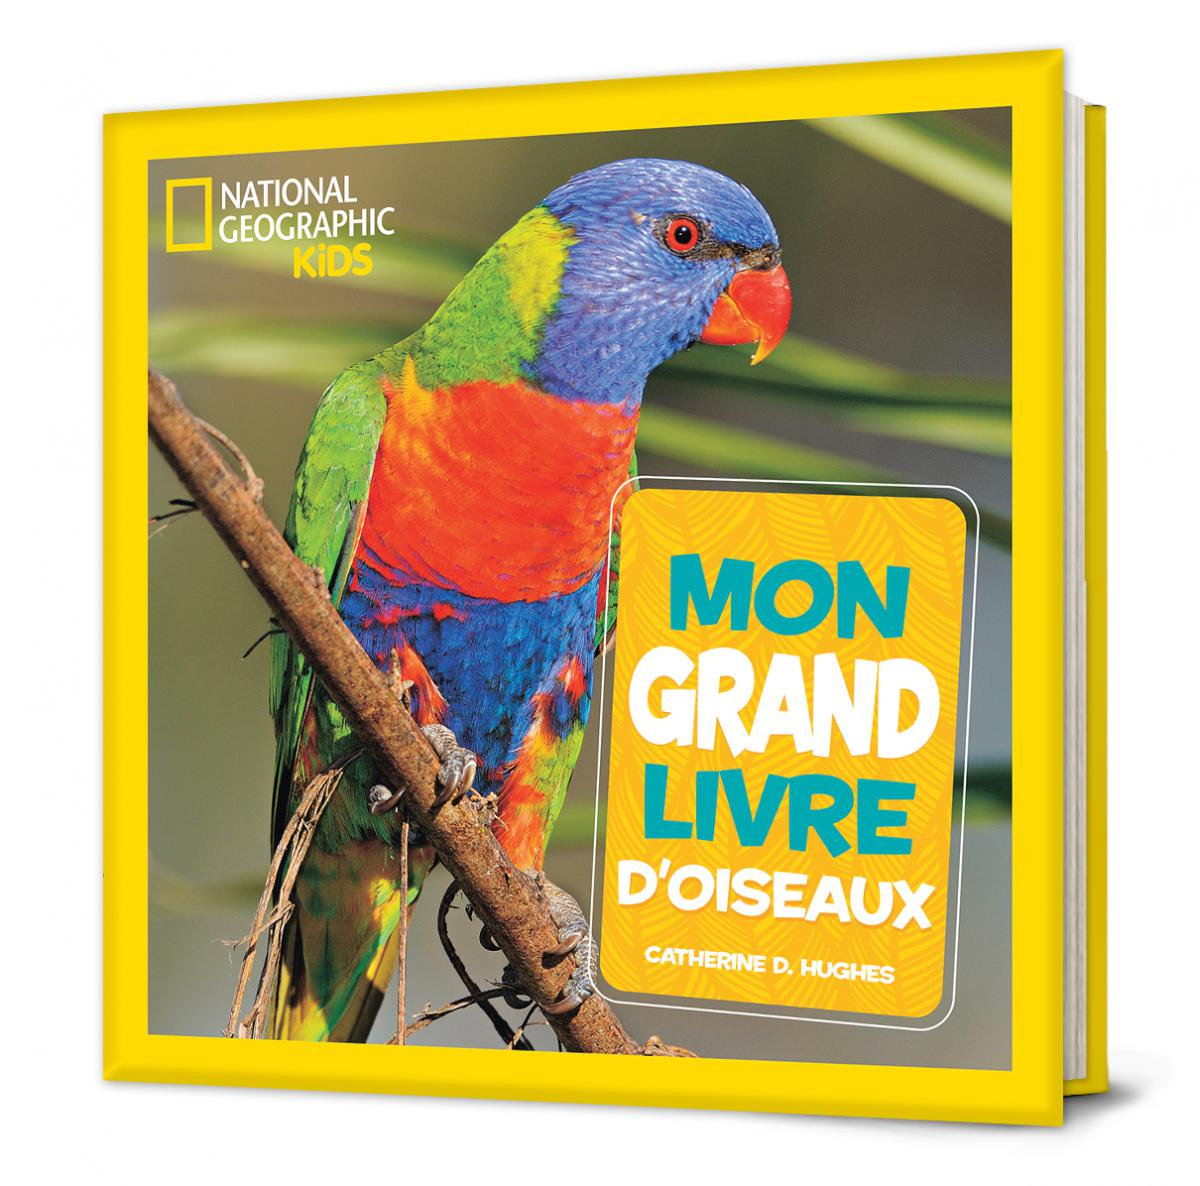 National Geographic Kids : Mon grand livre d'oiseaux